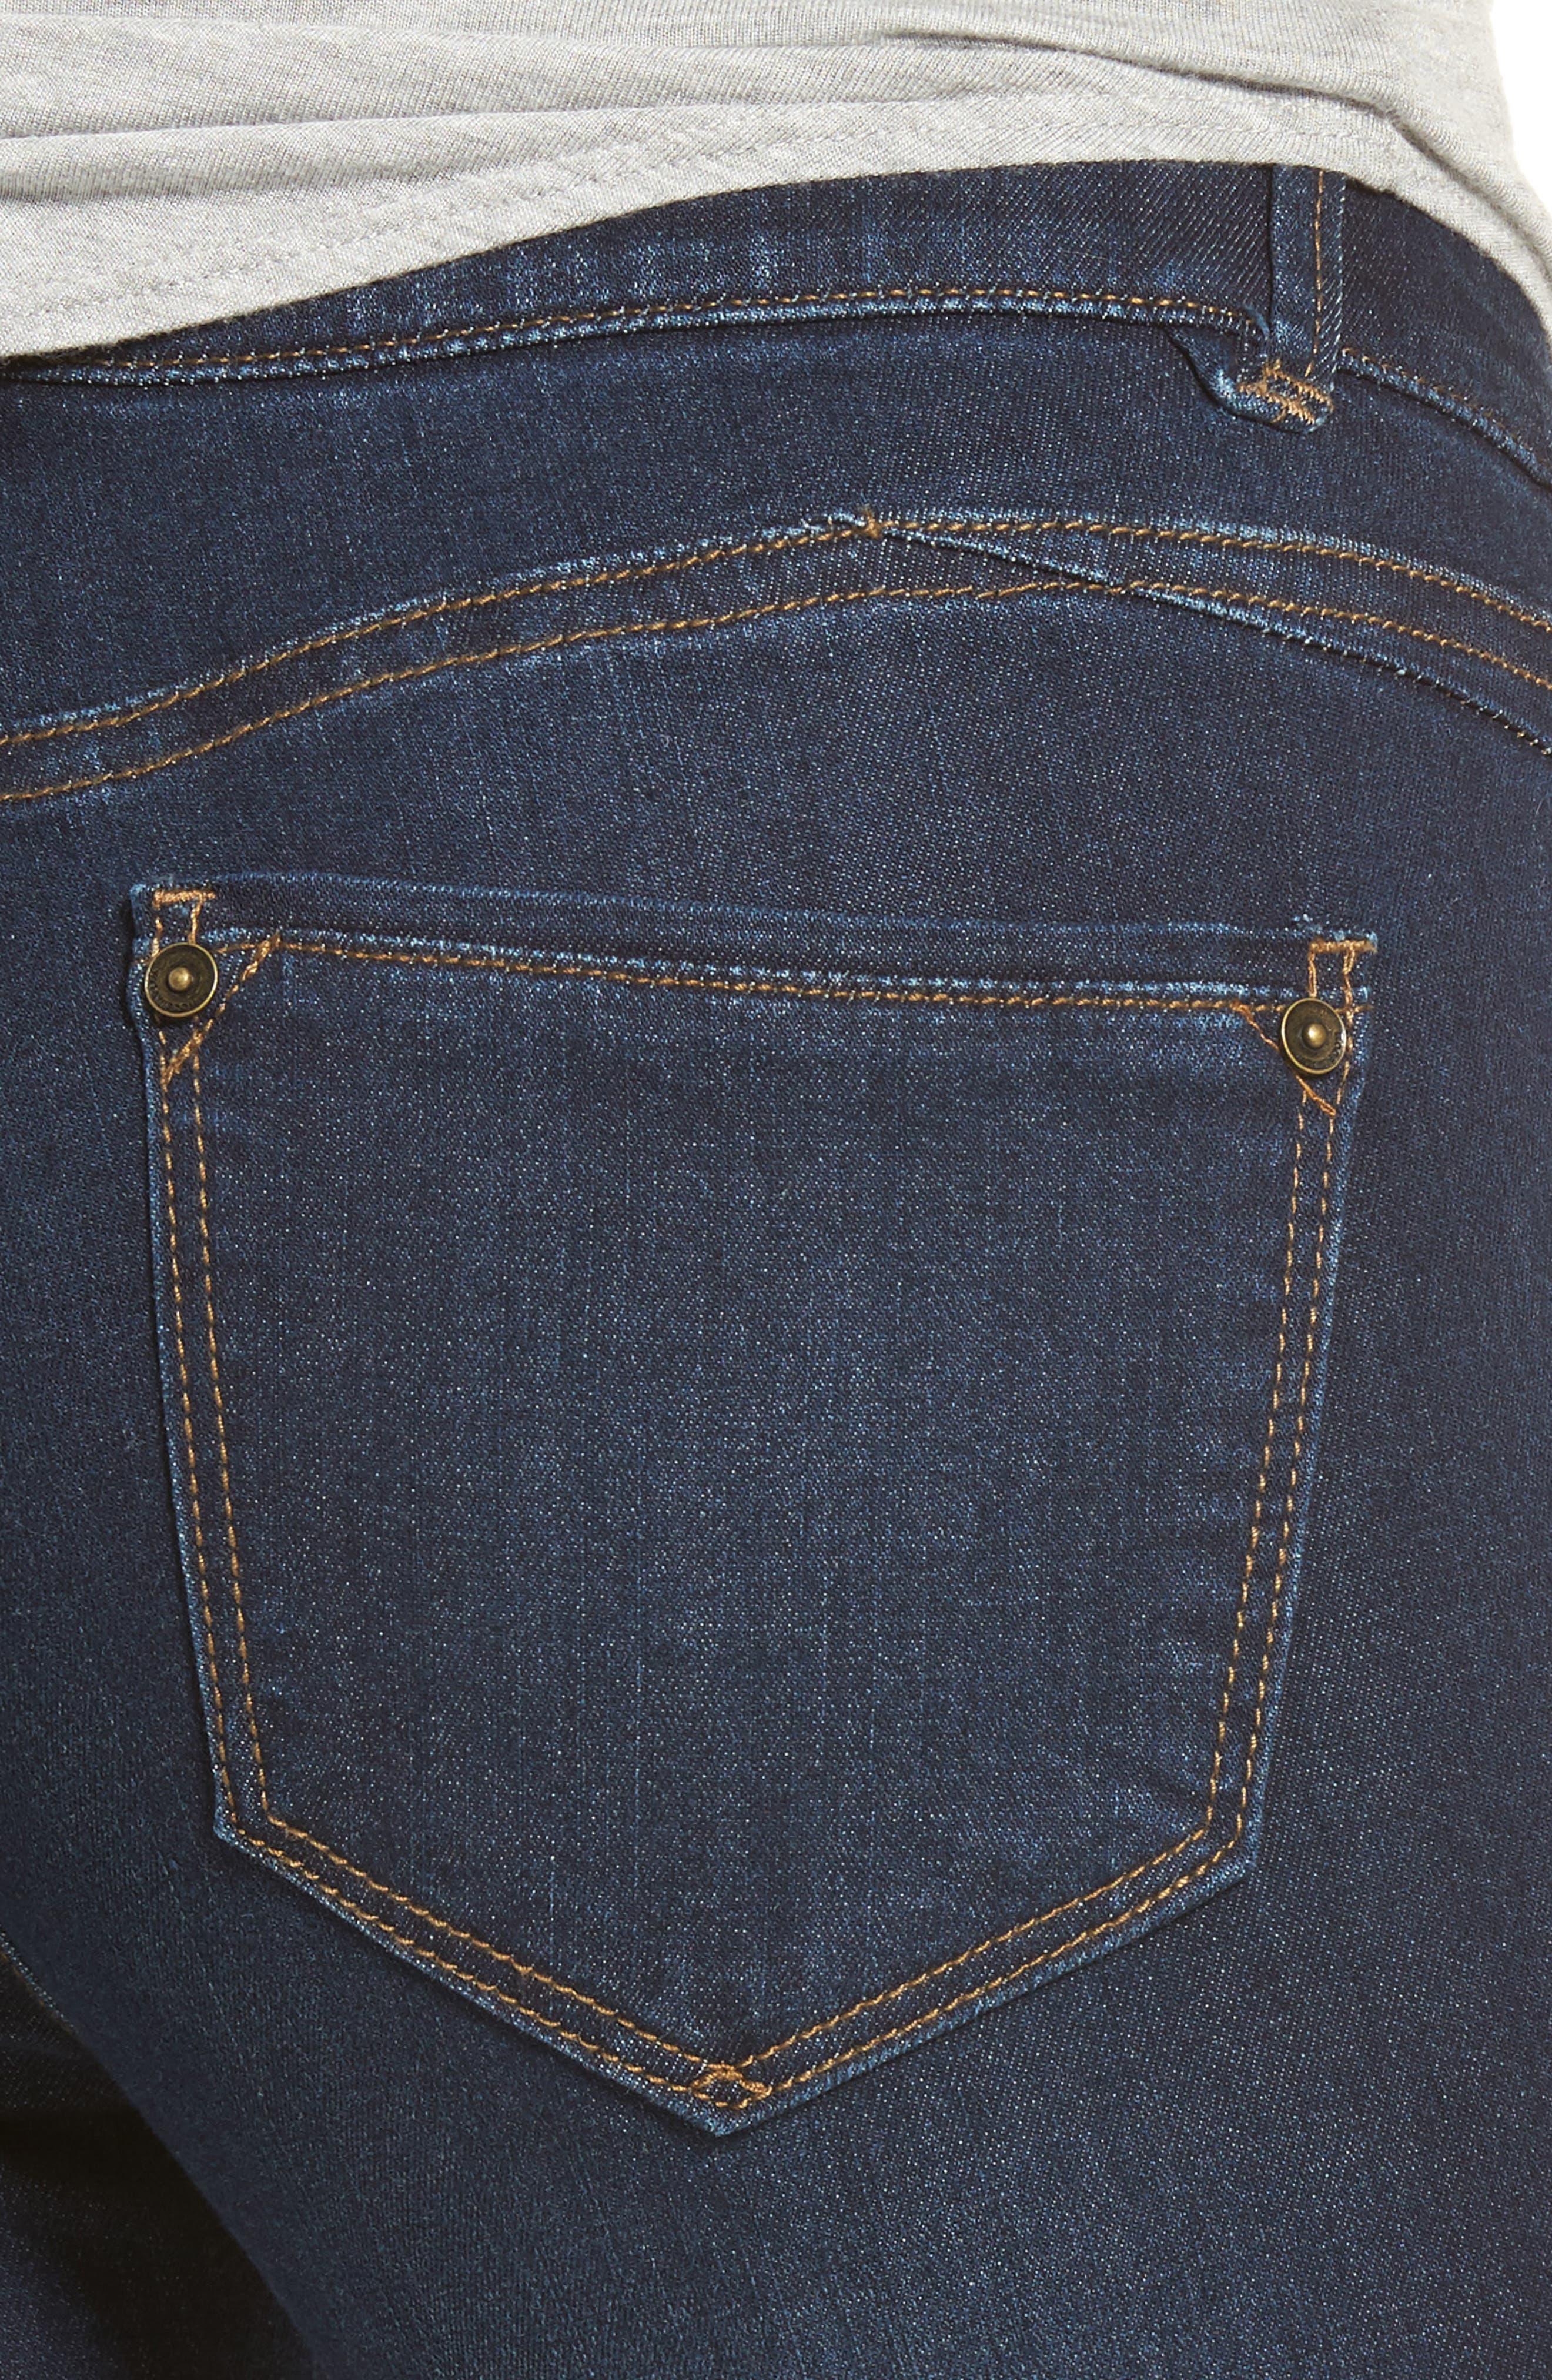 Ab-solution Boyfriend Ankle Jeans,                             Alternate thumbnail 8, color,